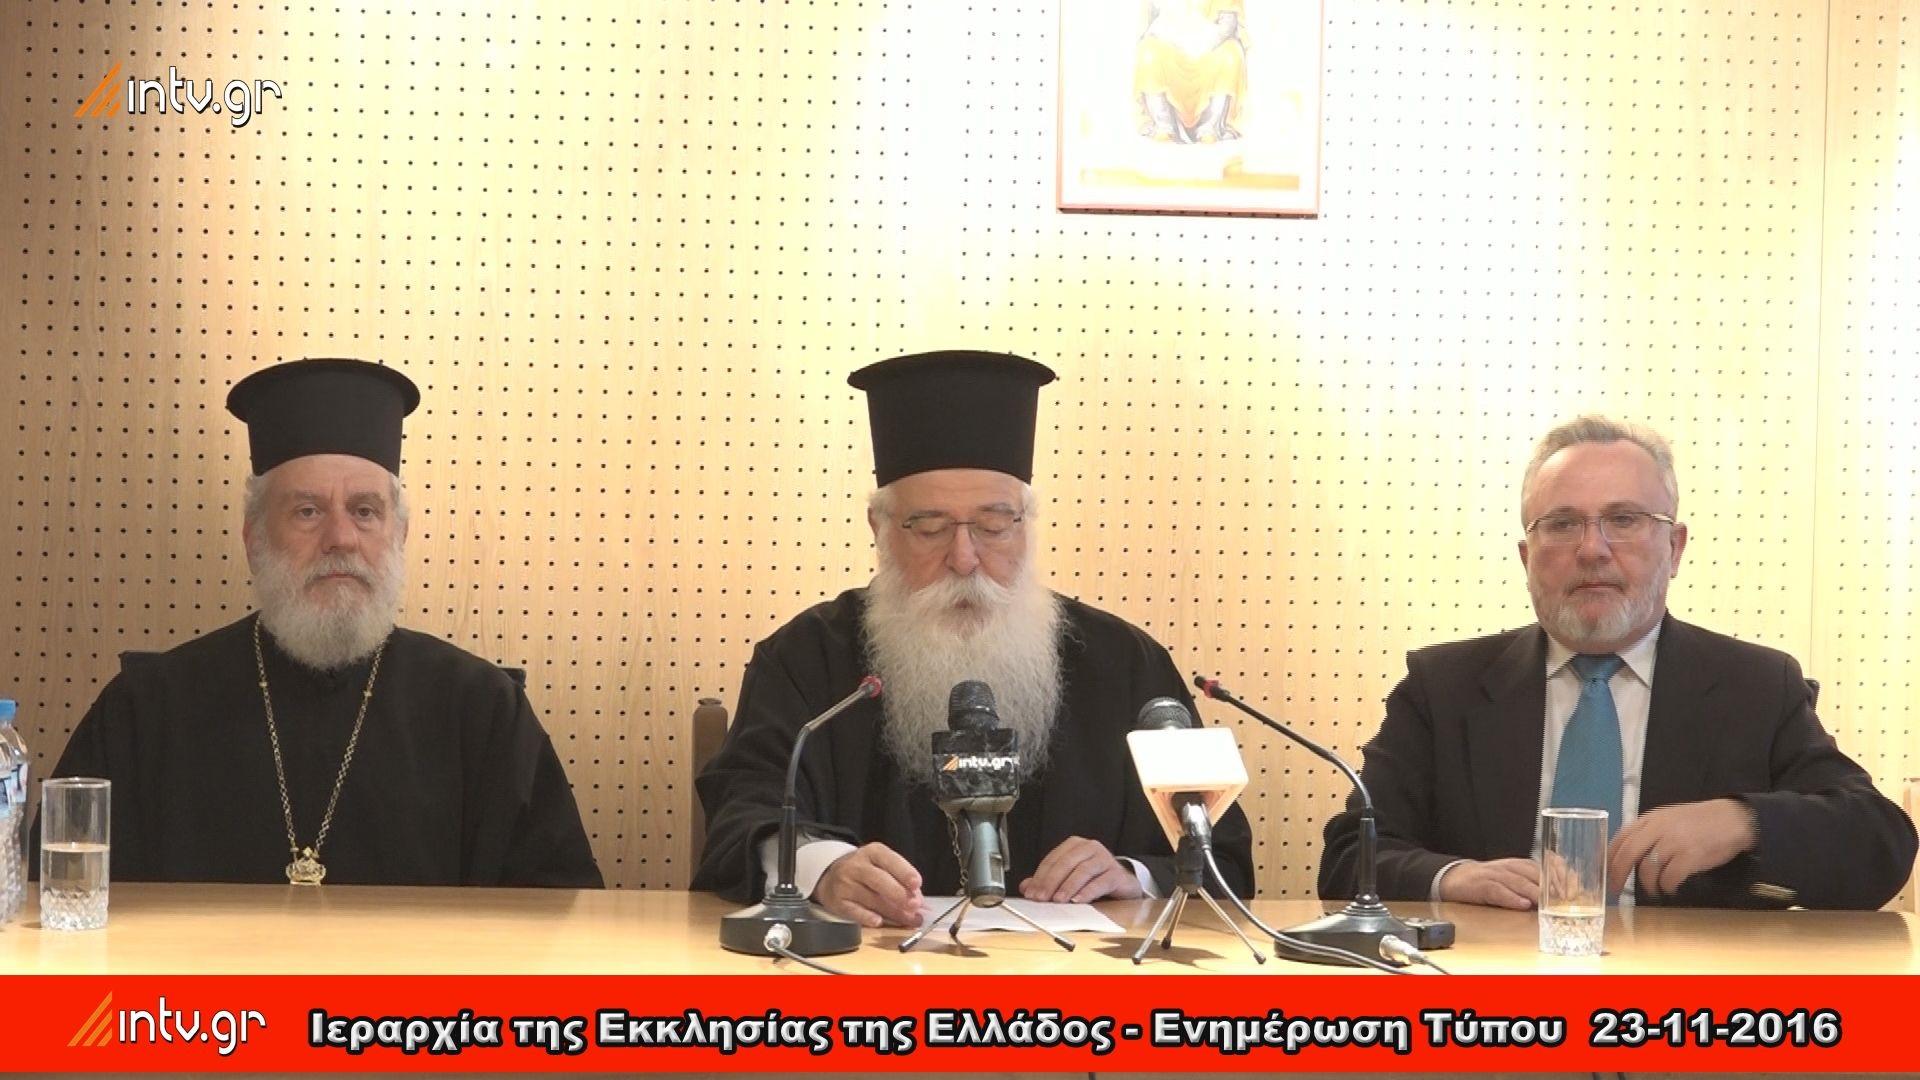 Ιεραρχία της Εκκλησίας της Ελλάδος - Ενημέρωση Τύπου  23-11-2016